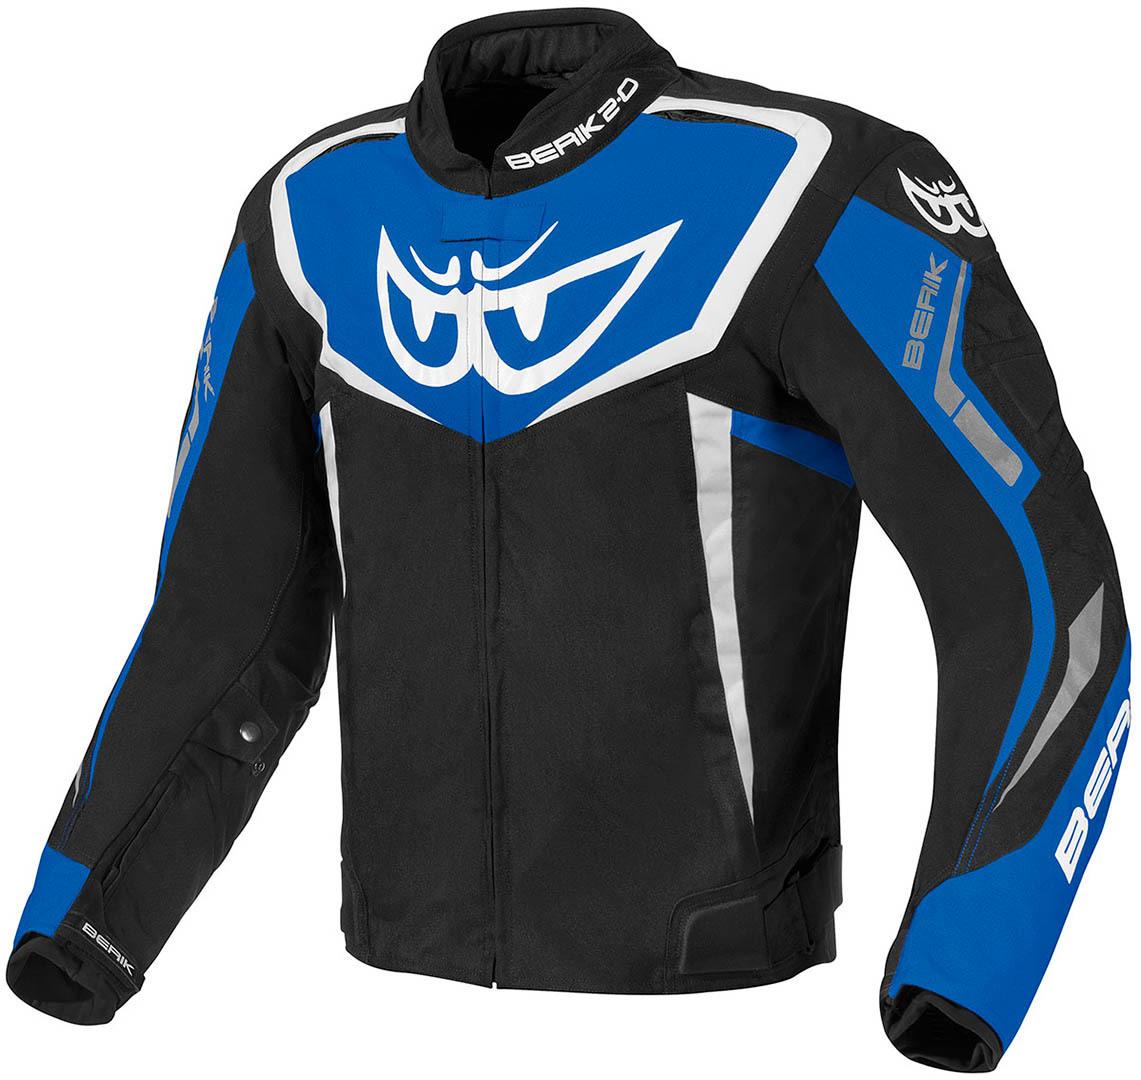 Berik Bad Eye wasserdichte Motorrad Textiljacke, schwarz-weiss-blau, Größe 52, schwarz-weiss-blau, Größe 52